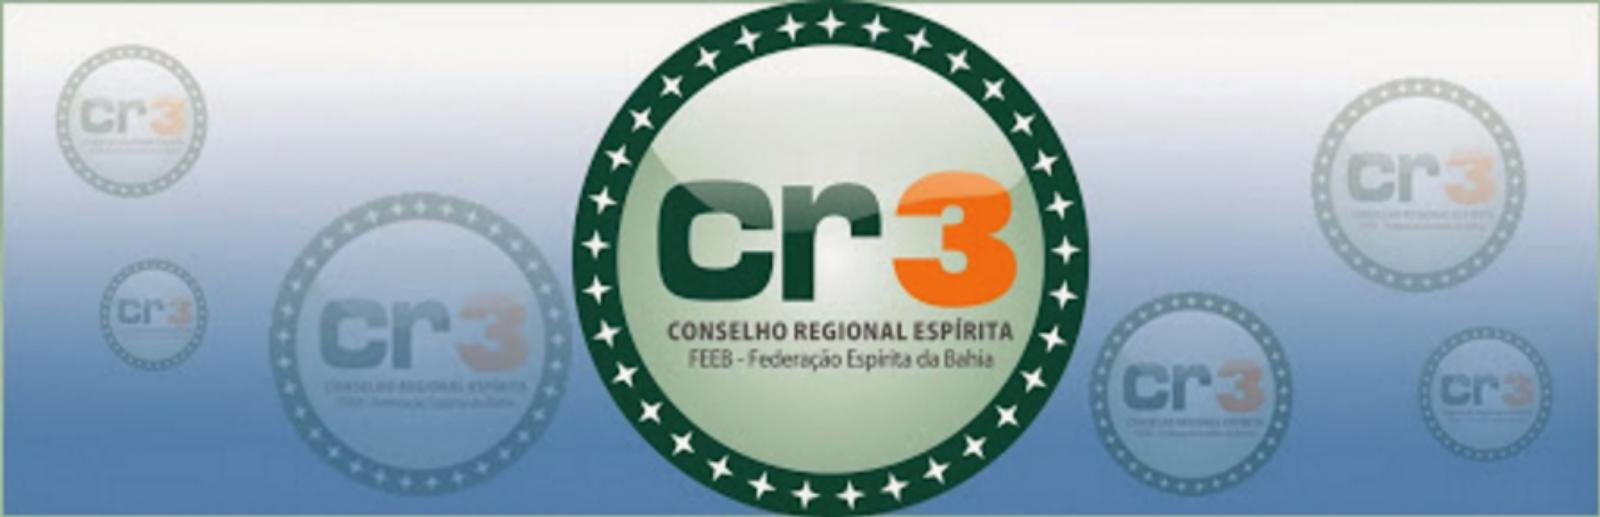 Conselho Regional Espírita 3 - CR3